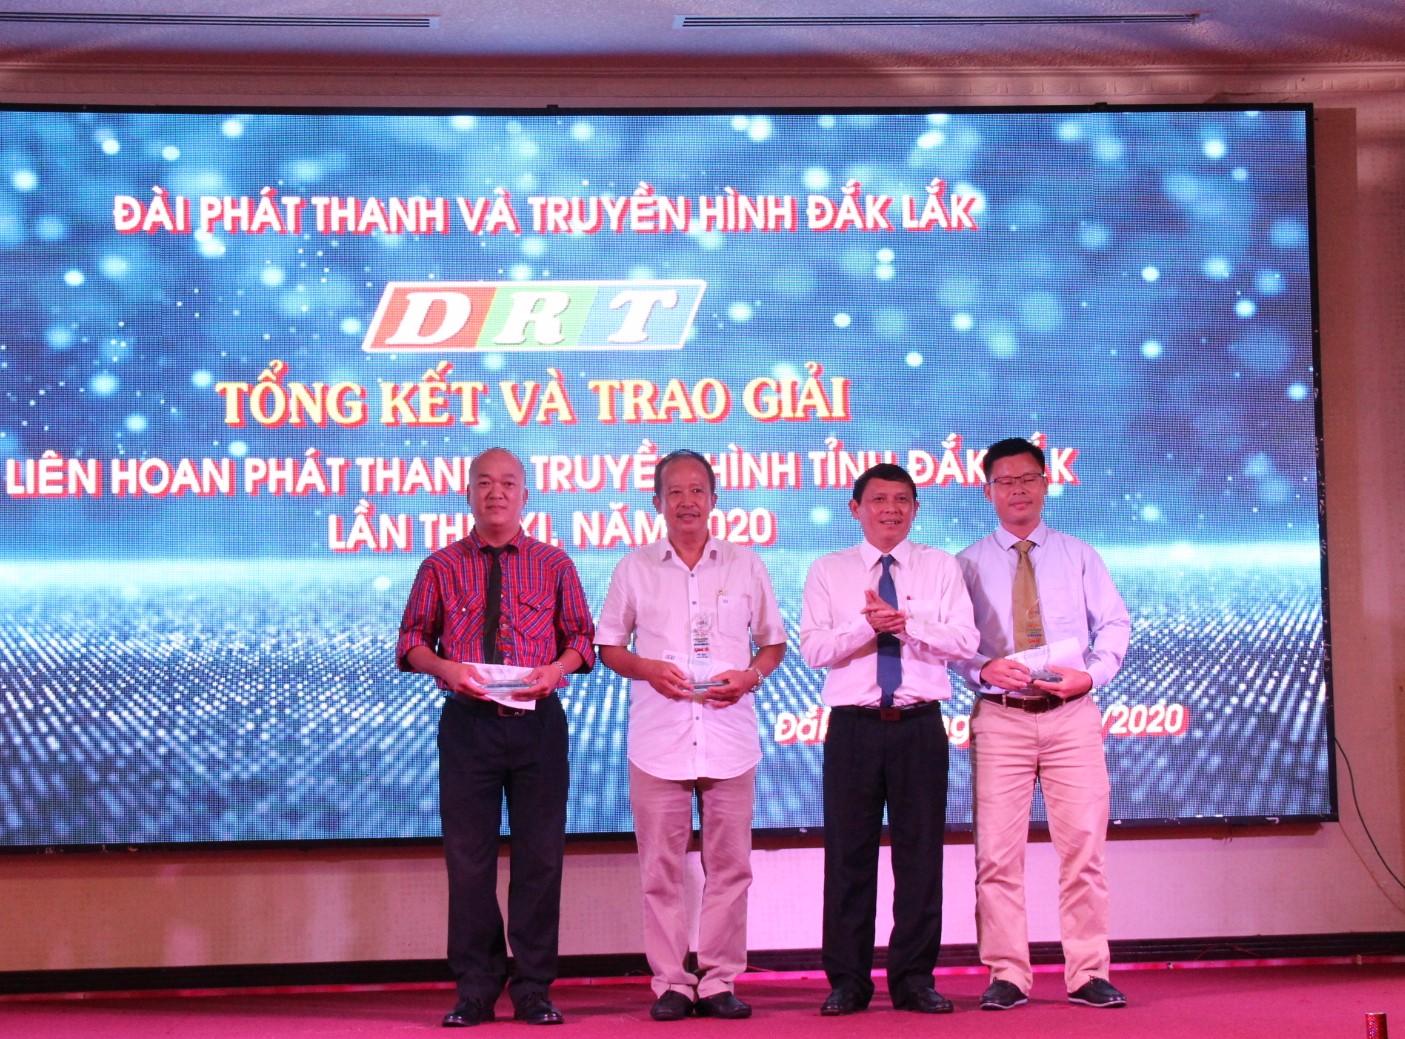 Tổng kết và trao giải Liên hoan Phát thanh – Truyền hình tỉnh Đắk Lắk lần thứ XI năm 2020